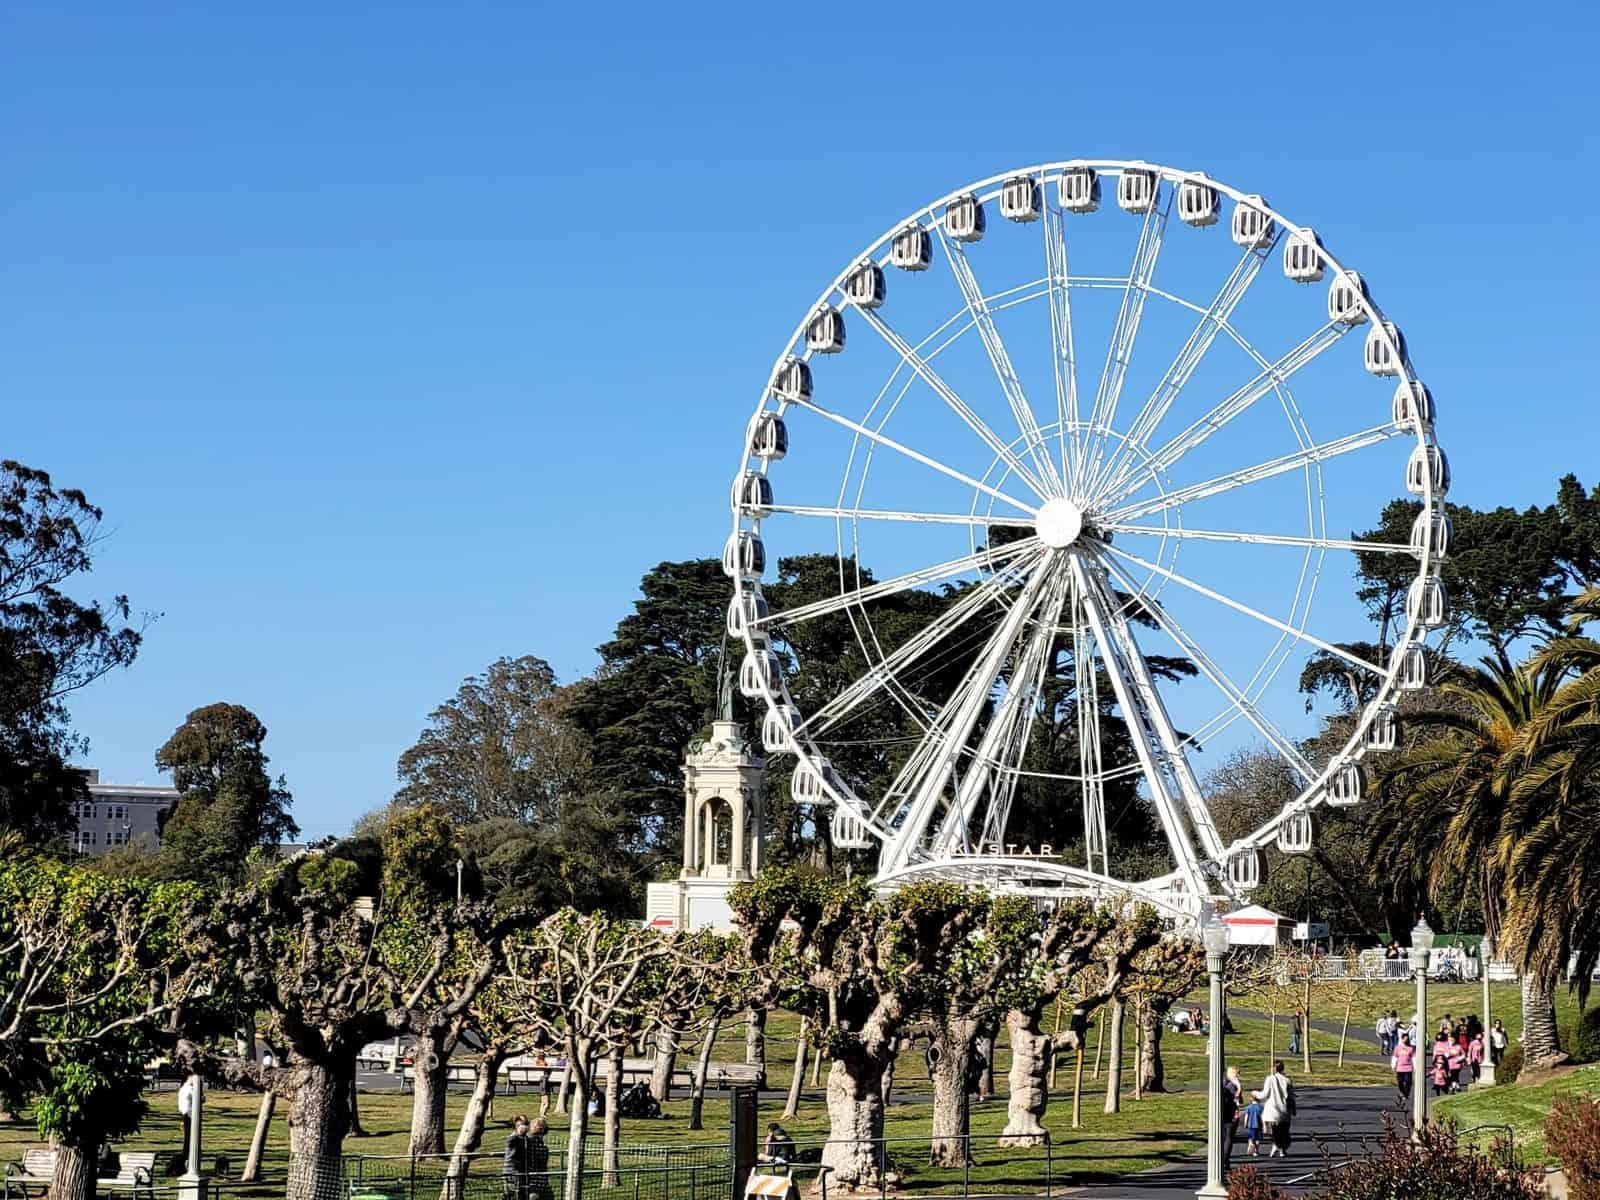 ferris wheel in golden gate park in san francisco